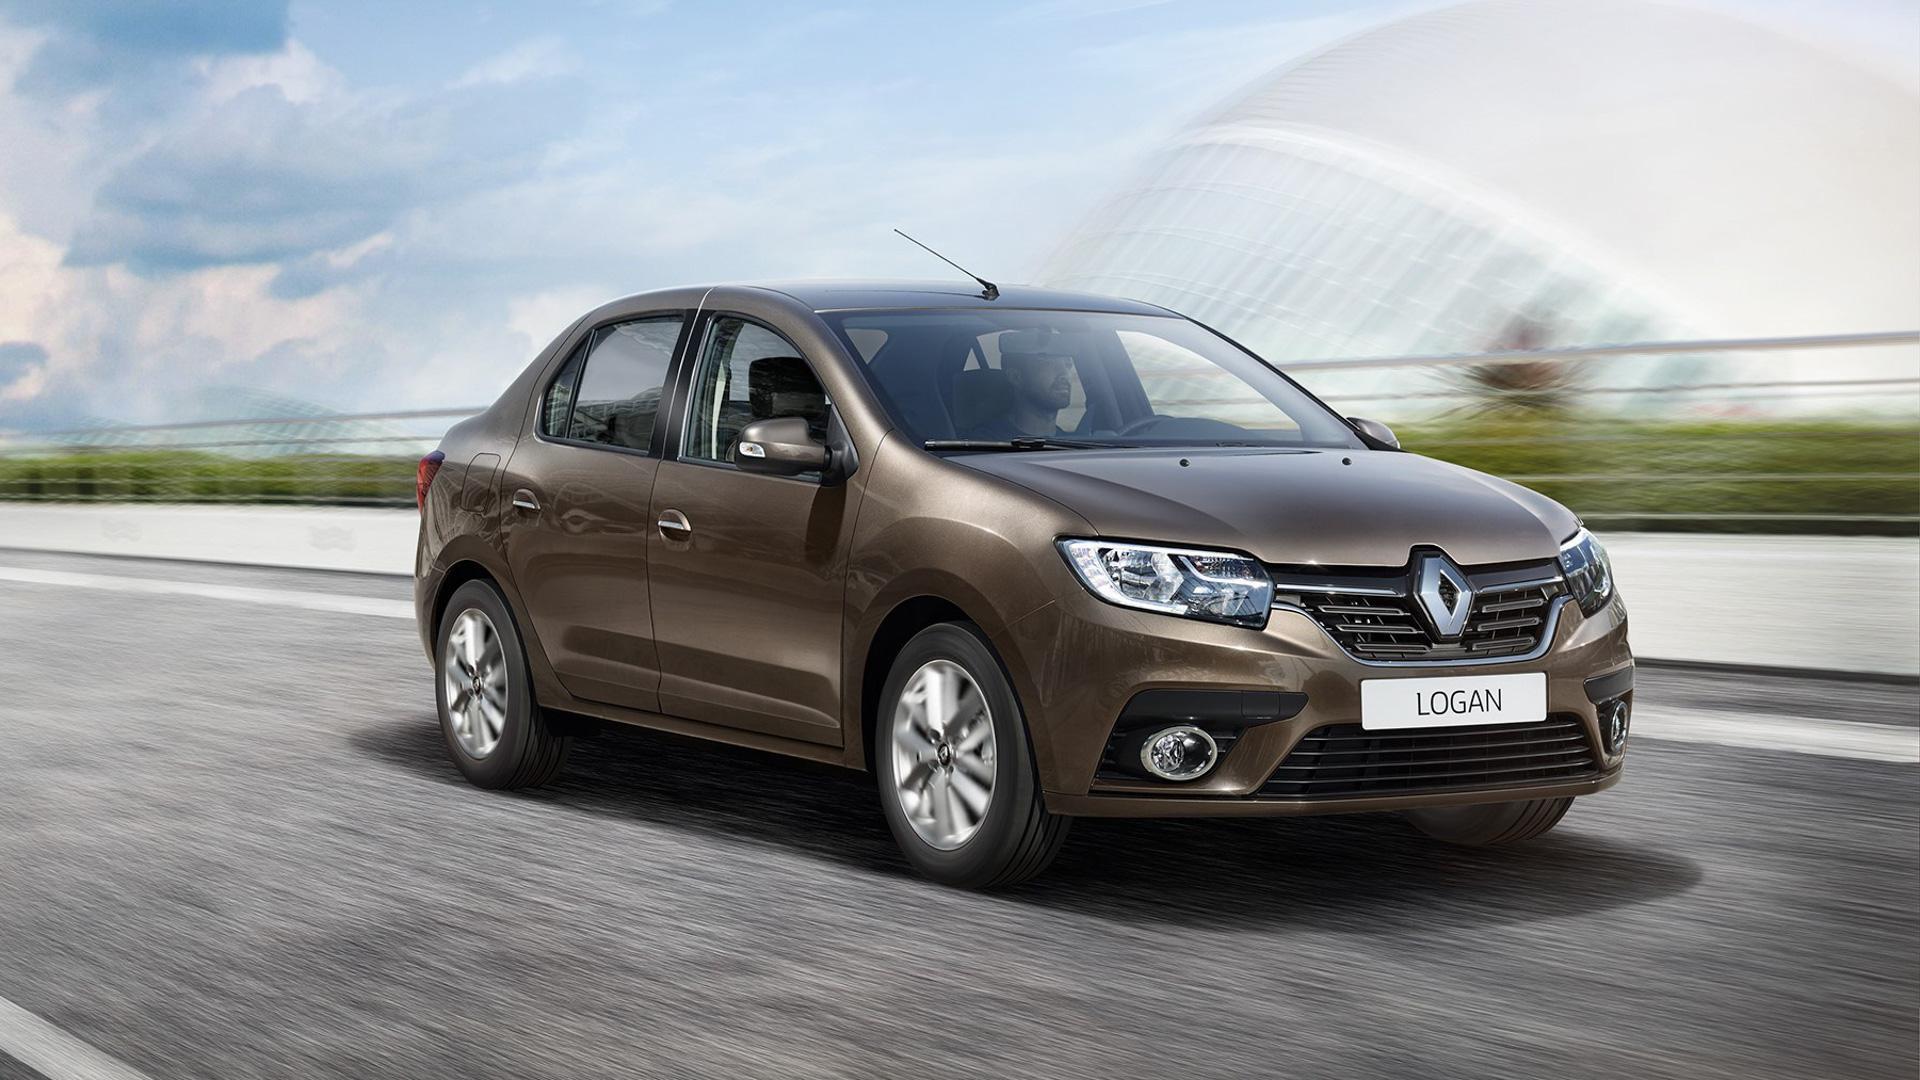 Выносливый ослик Renault Logan, каким он будет в 2020 году